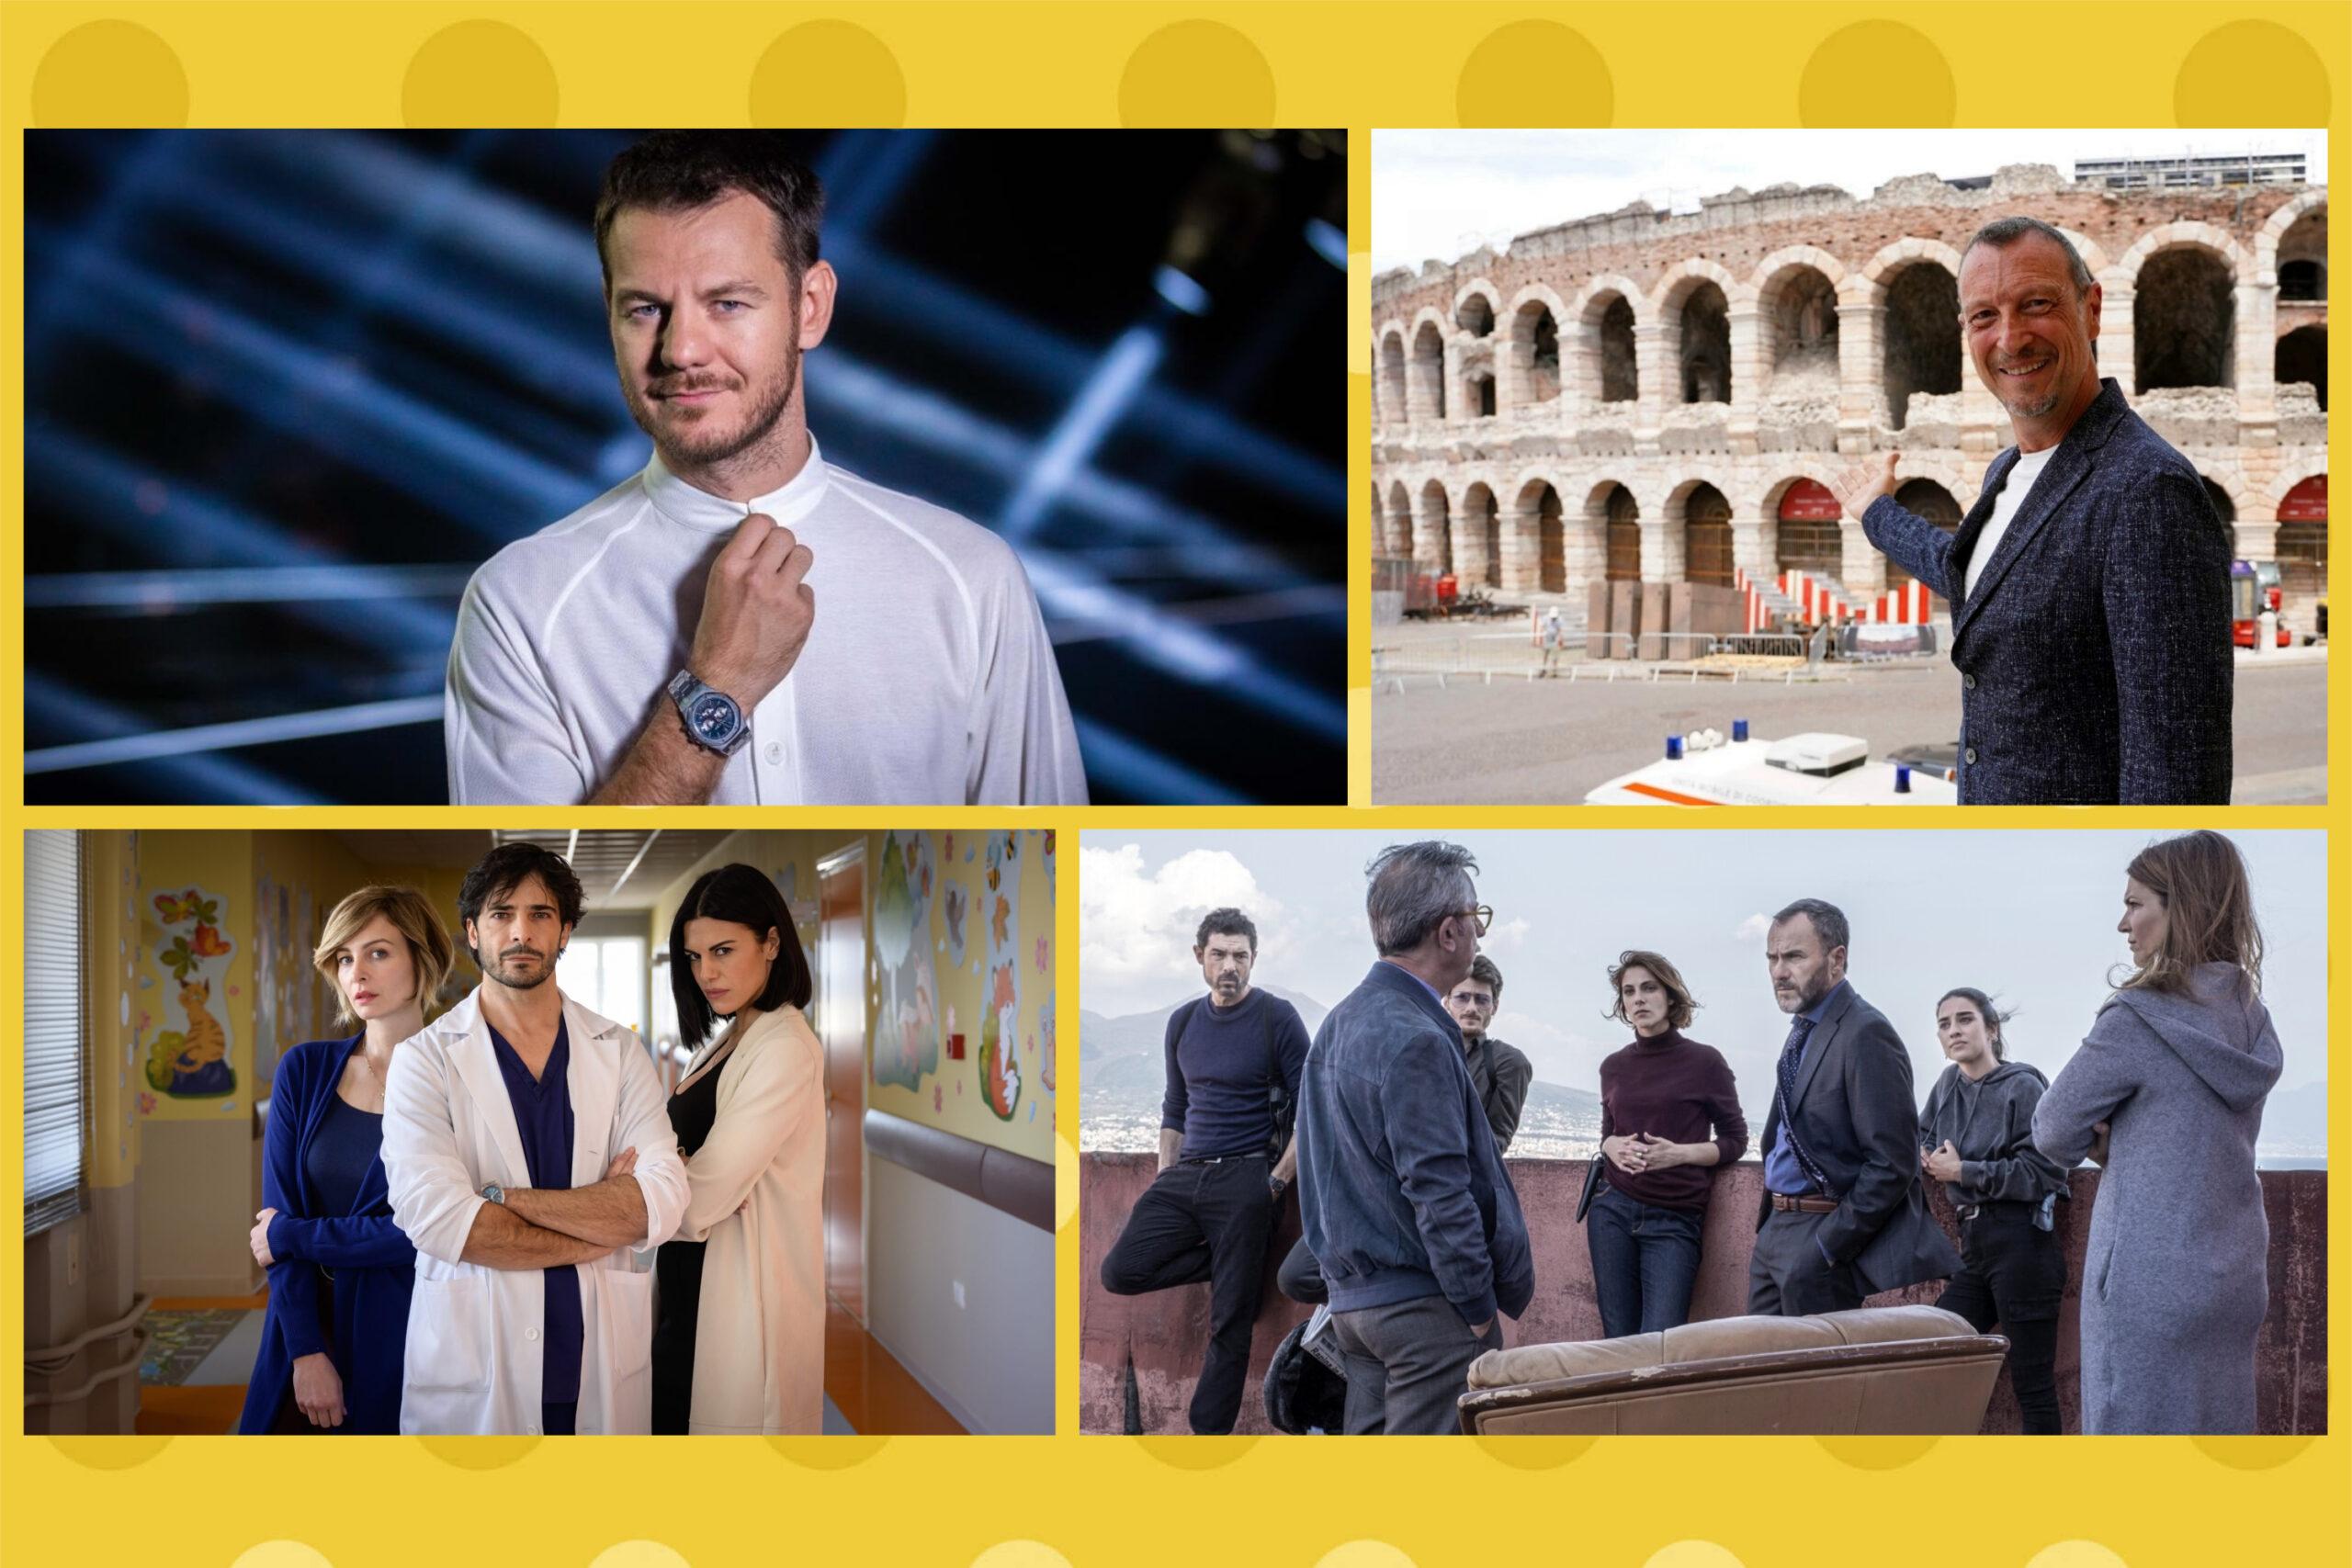 Programmazione 19 - 25 settembre 2021 Rai e Mediaset: Da Grande, Arena Suzuki '60 '70 '80, I Bastardi di Pizzofalcone 3, Fino all'ultimo battito